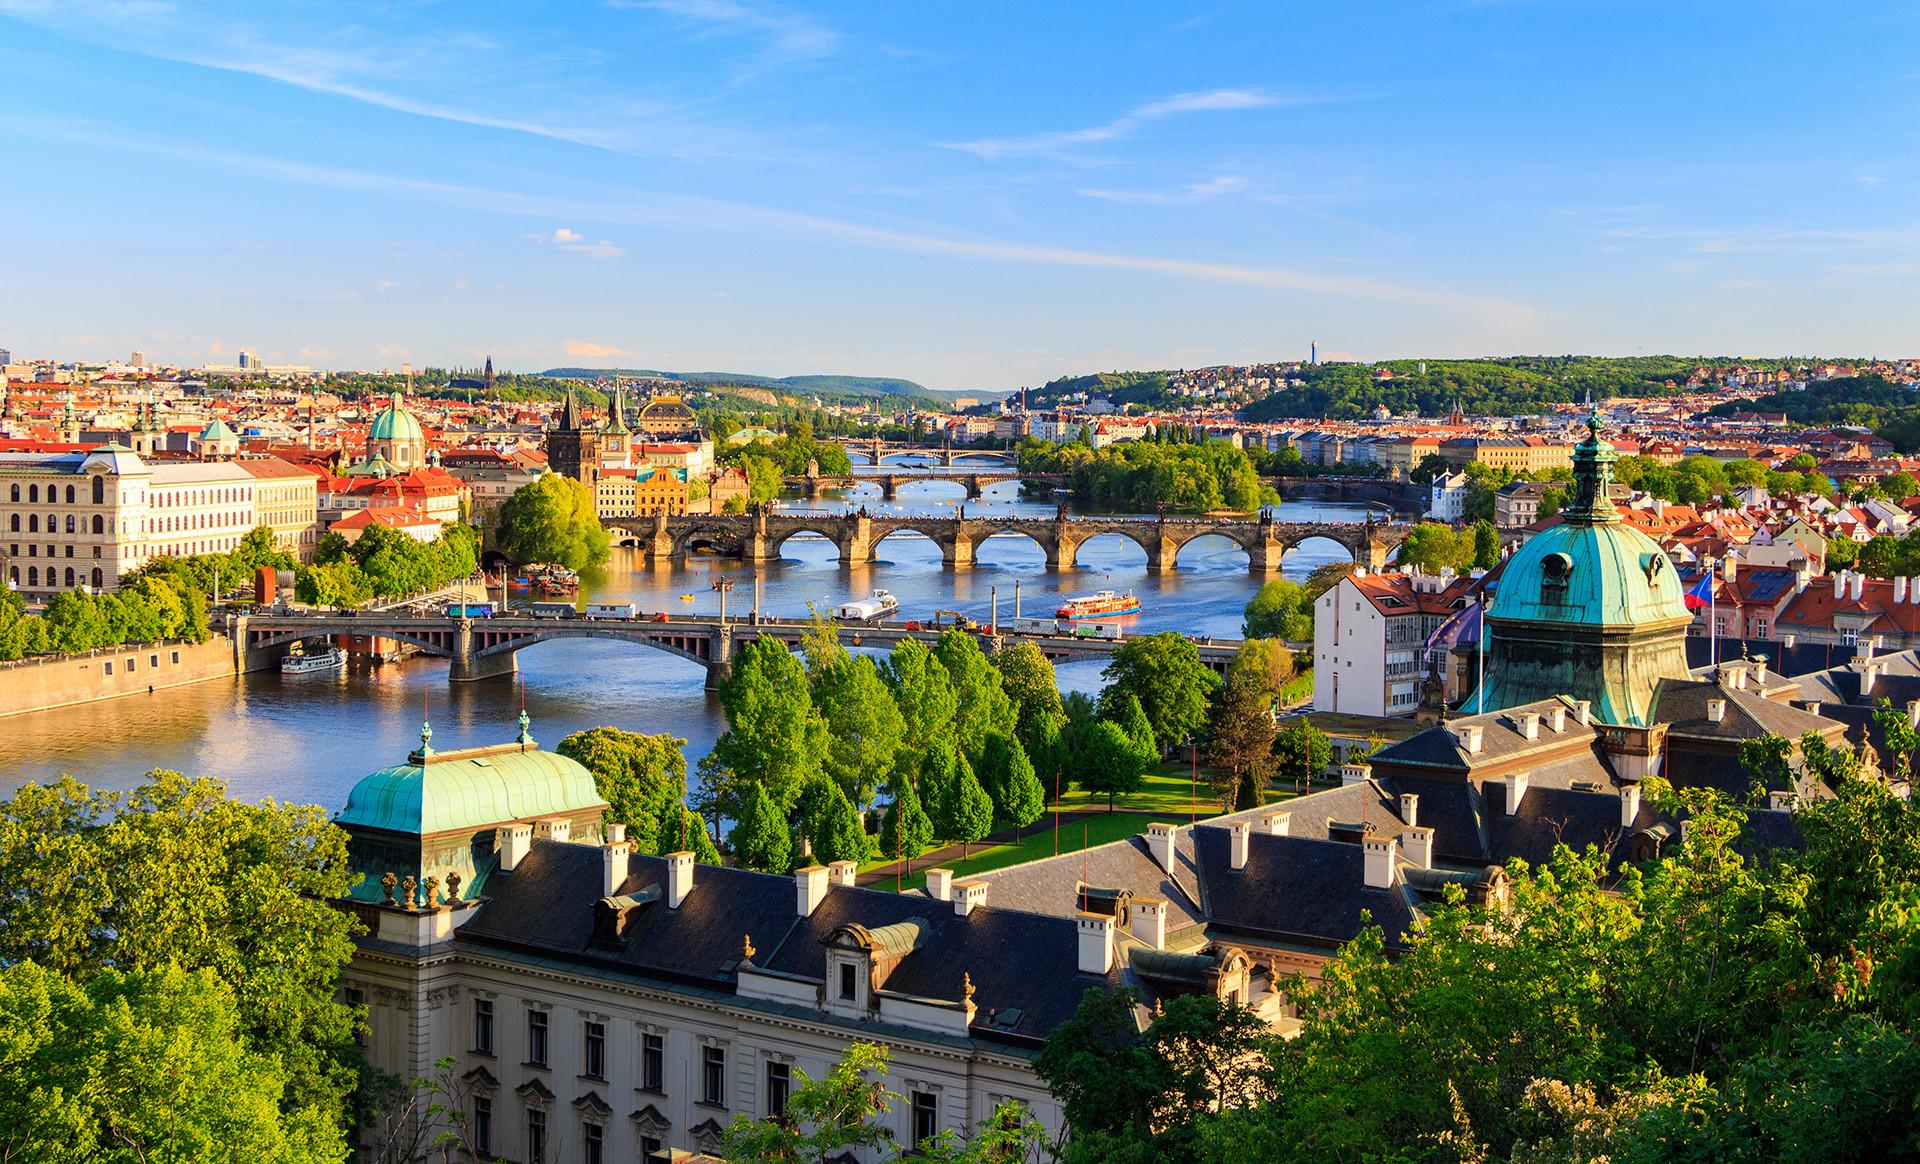 Elegantní Hotel Meda **** přímo v centru Prahy se snídaní a vstupem do Muzea Kampa, Muzea skla, Werichovy vily a dítětem do 6 let s ubytováním zdarma